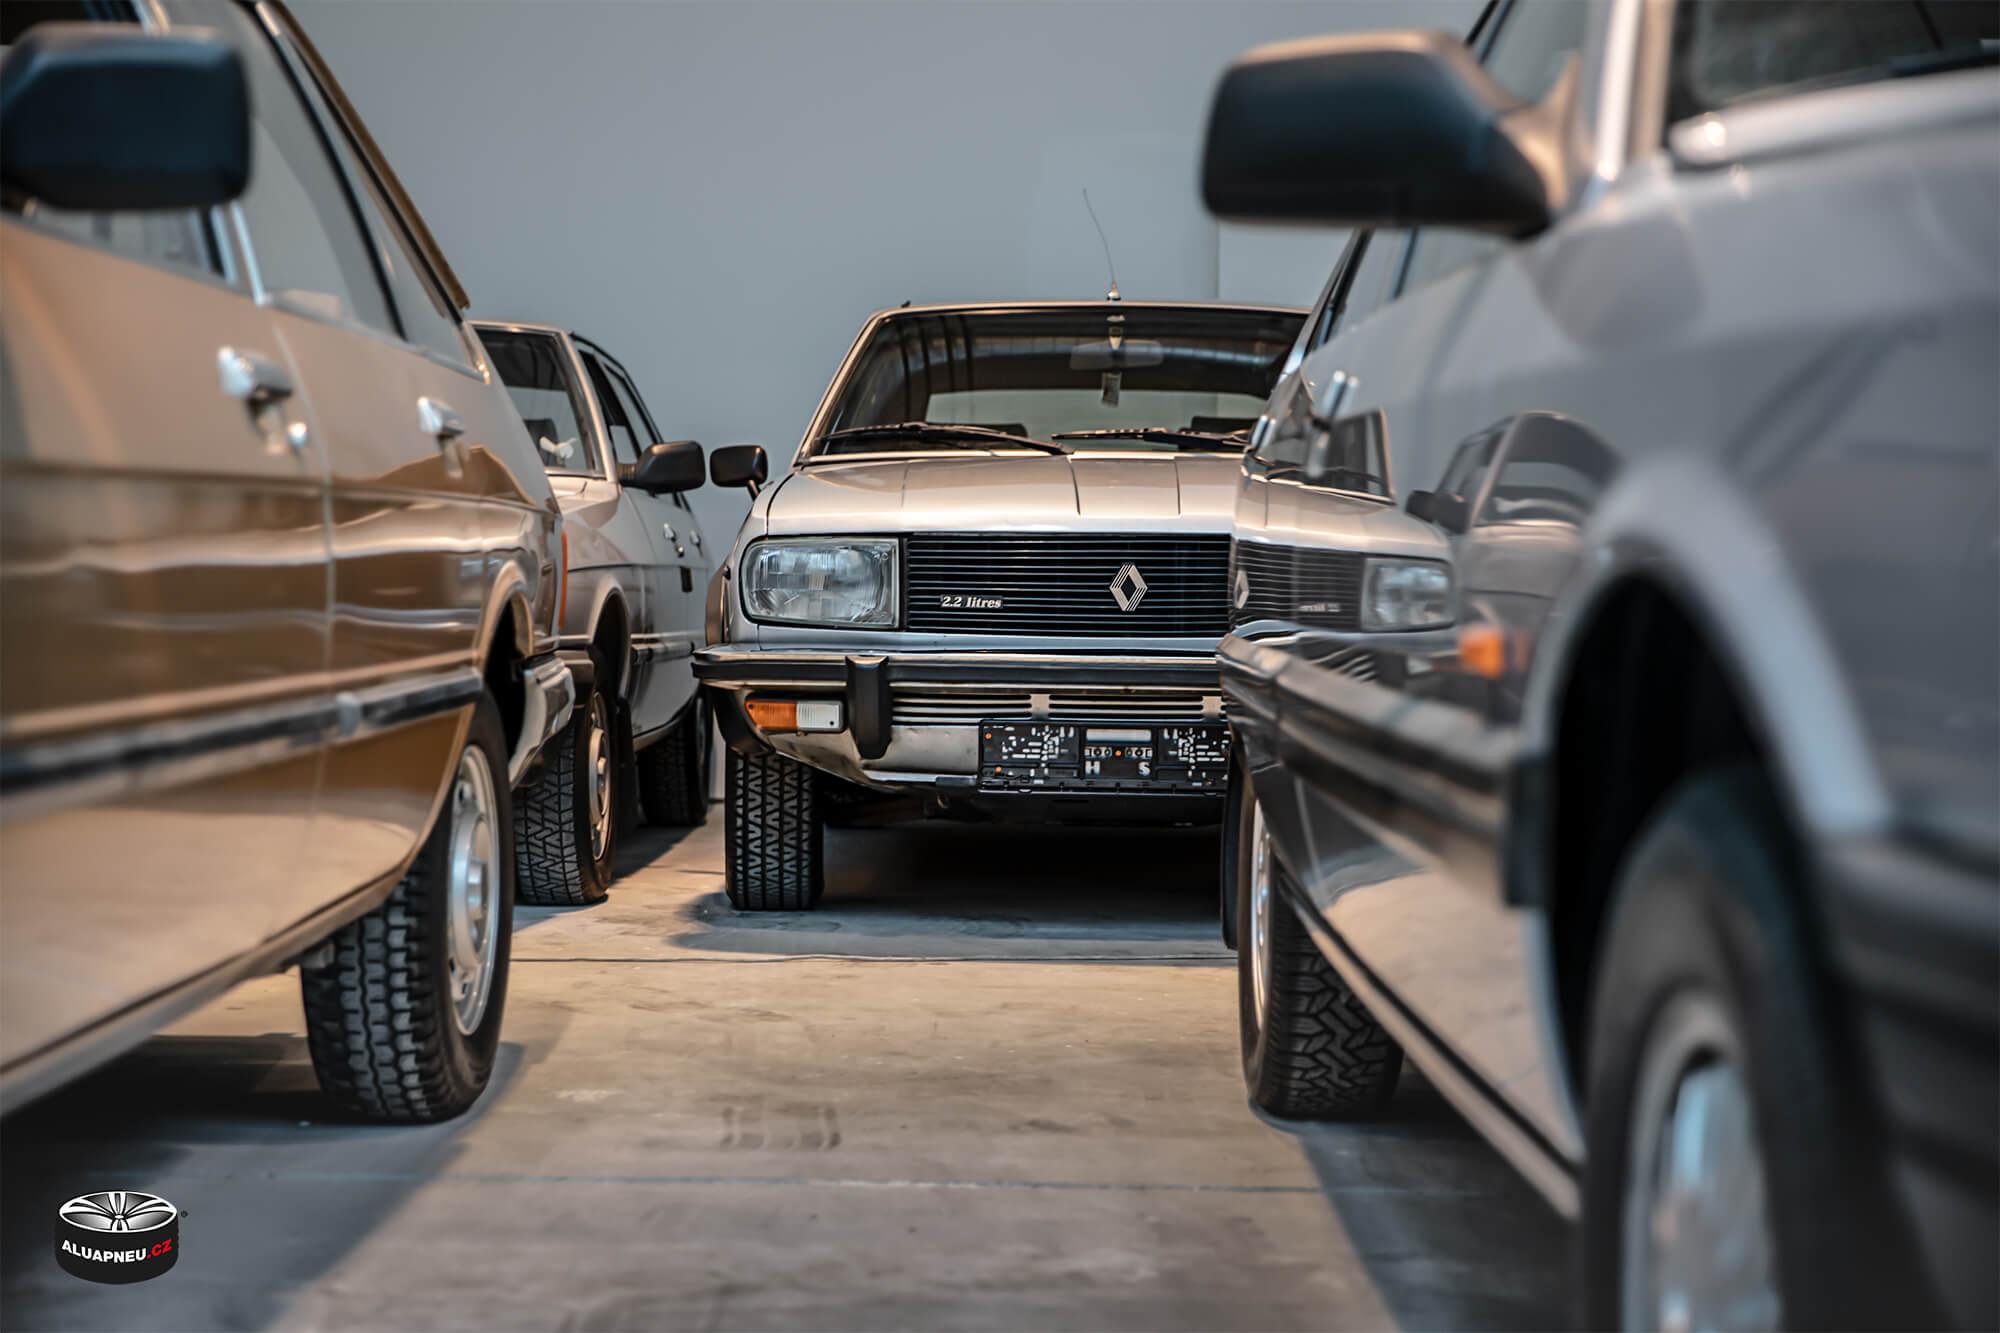 Renault retro - Youngtimer - www.aluapneu.cz